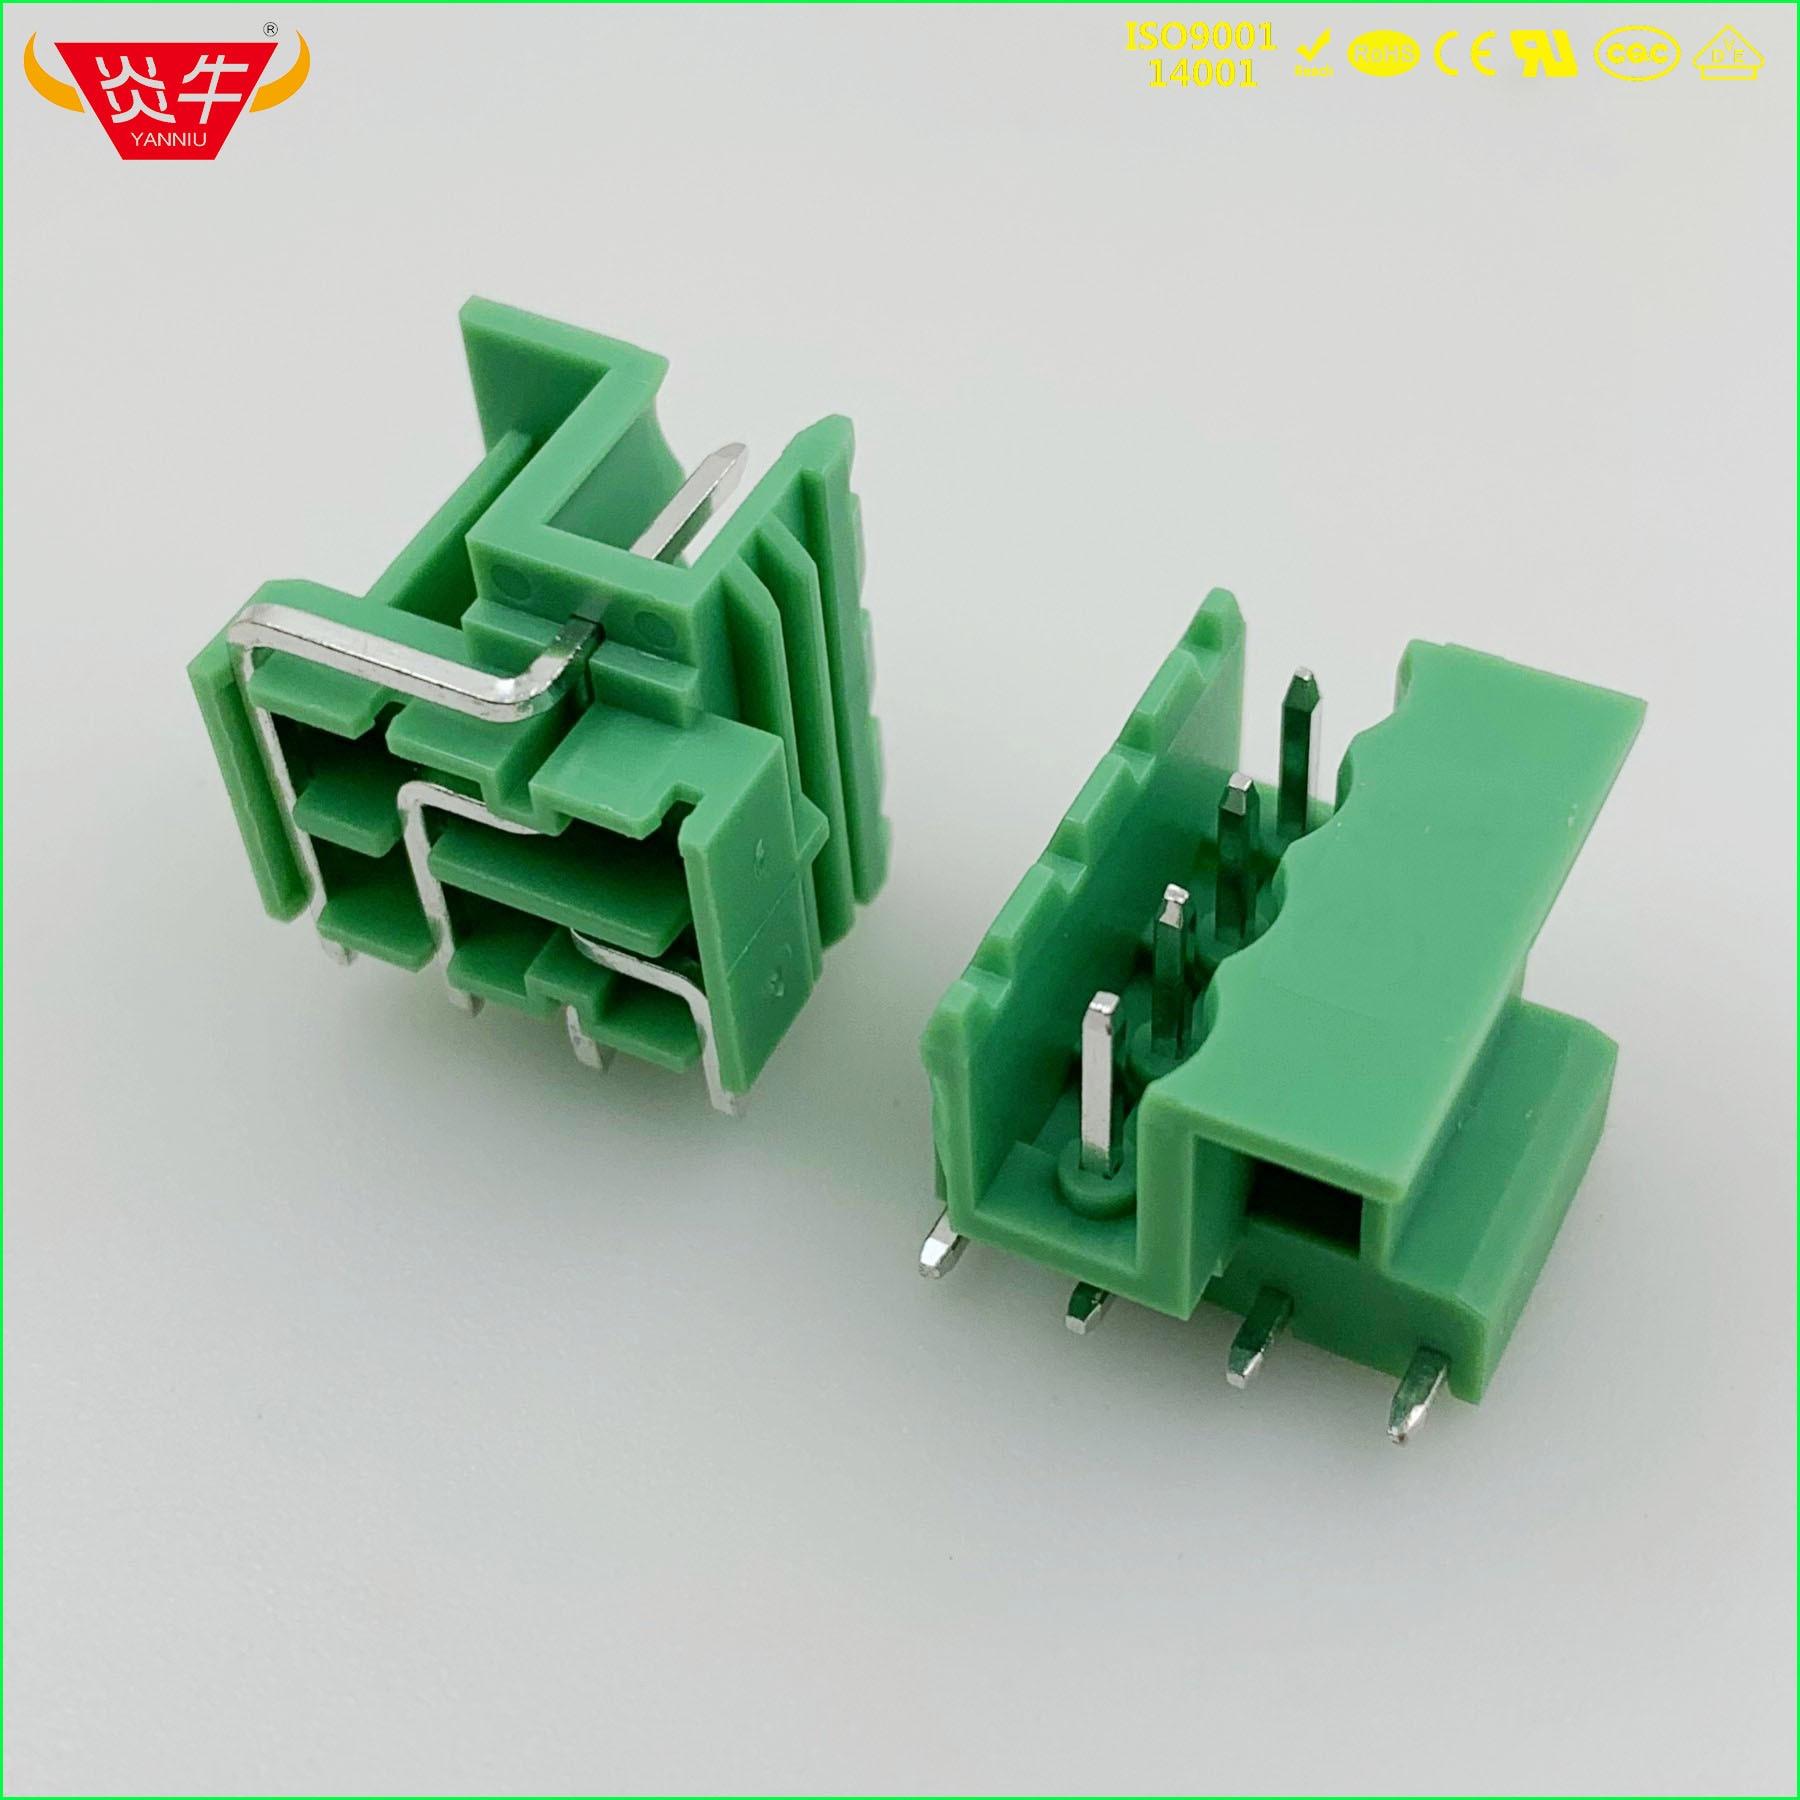 kf2edglf 5 0 2p 3p 4p pcb conector plug in bloco teminal 2edglf 5 0 milimetros